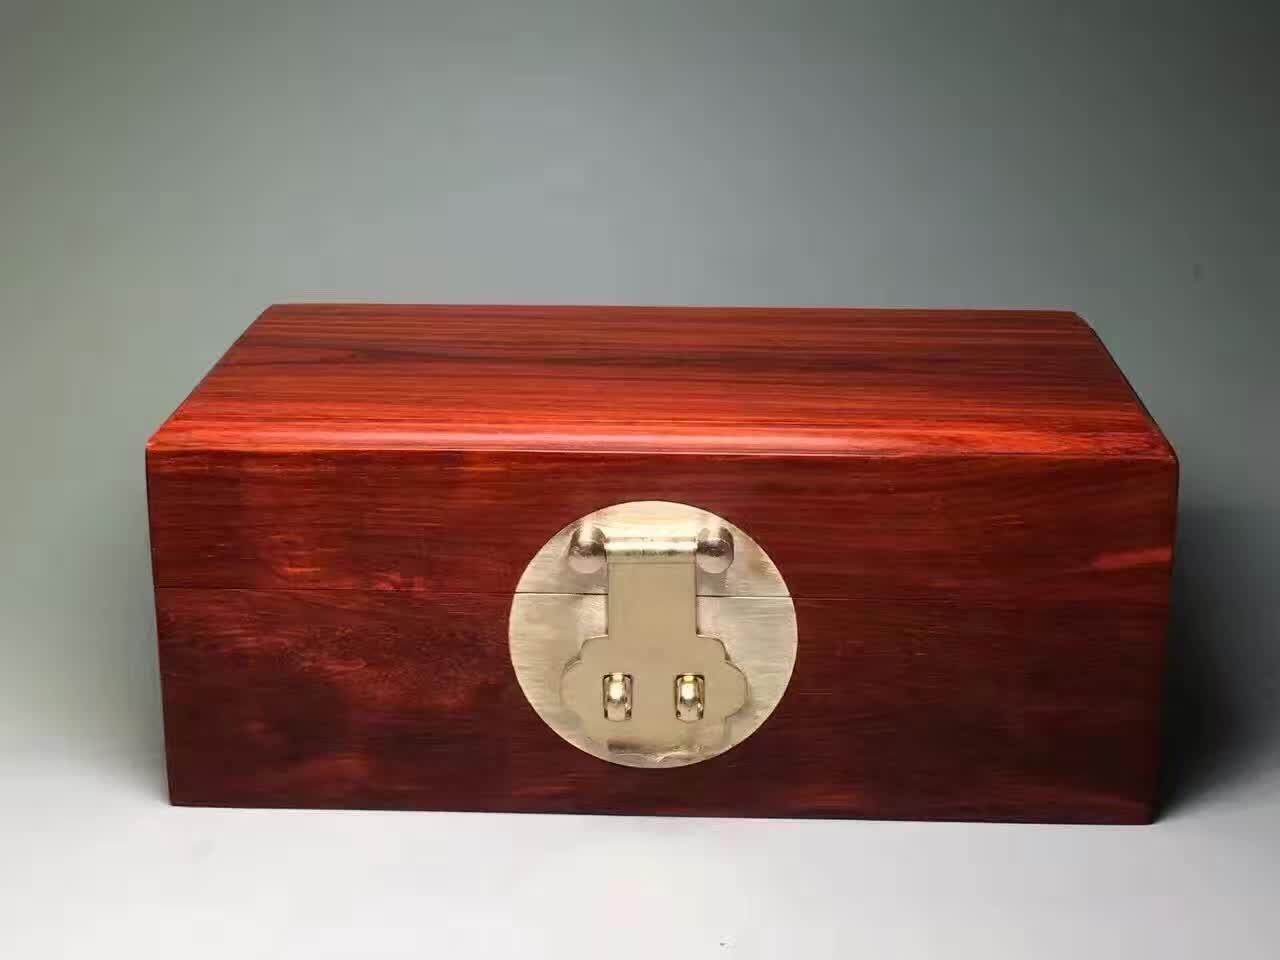 紫檀首饰盒:古代女人的嫁妆到现在成了男人的收藏